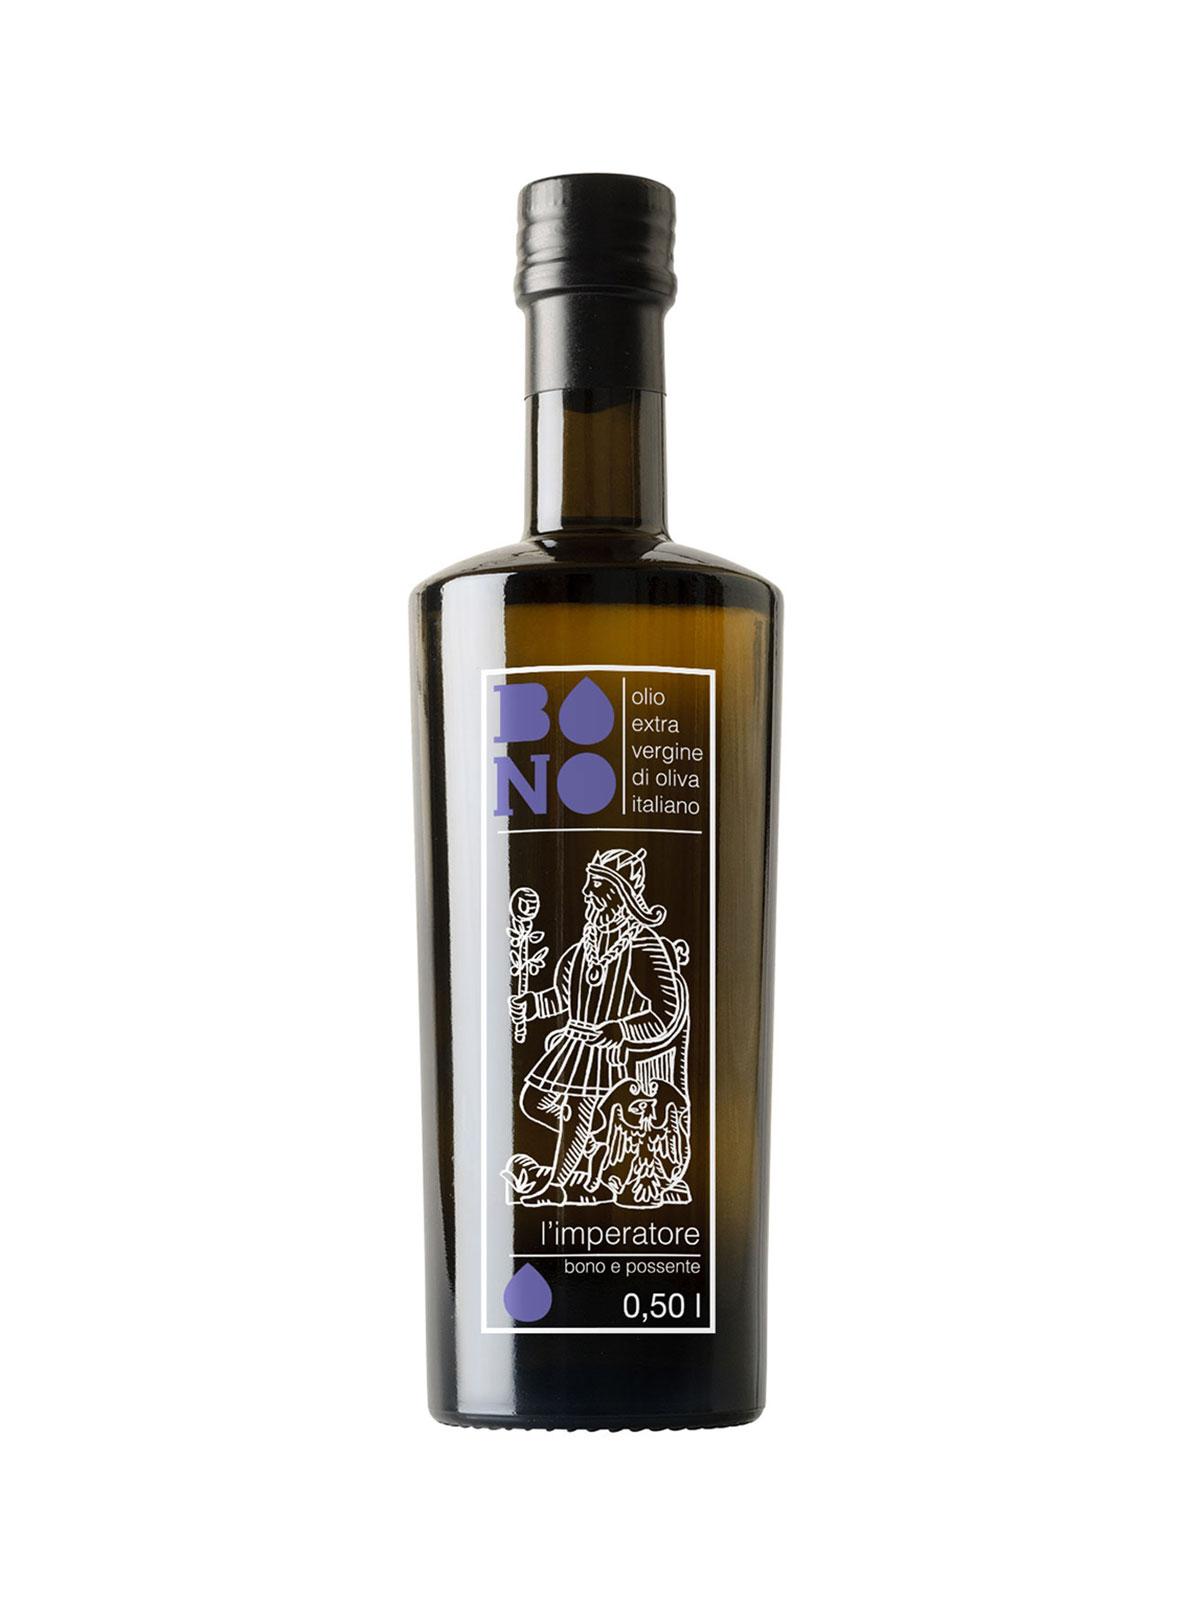 L'Imperatore - Oils & Vinegars - Buon'Italia